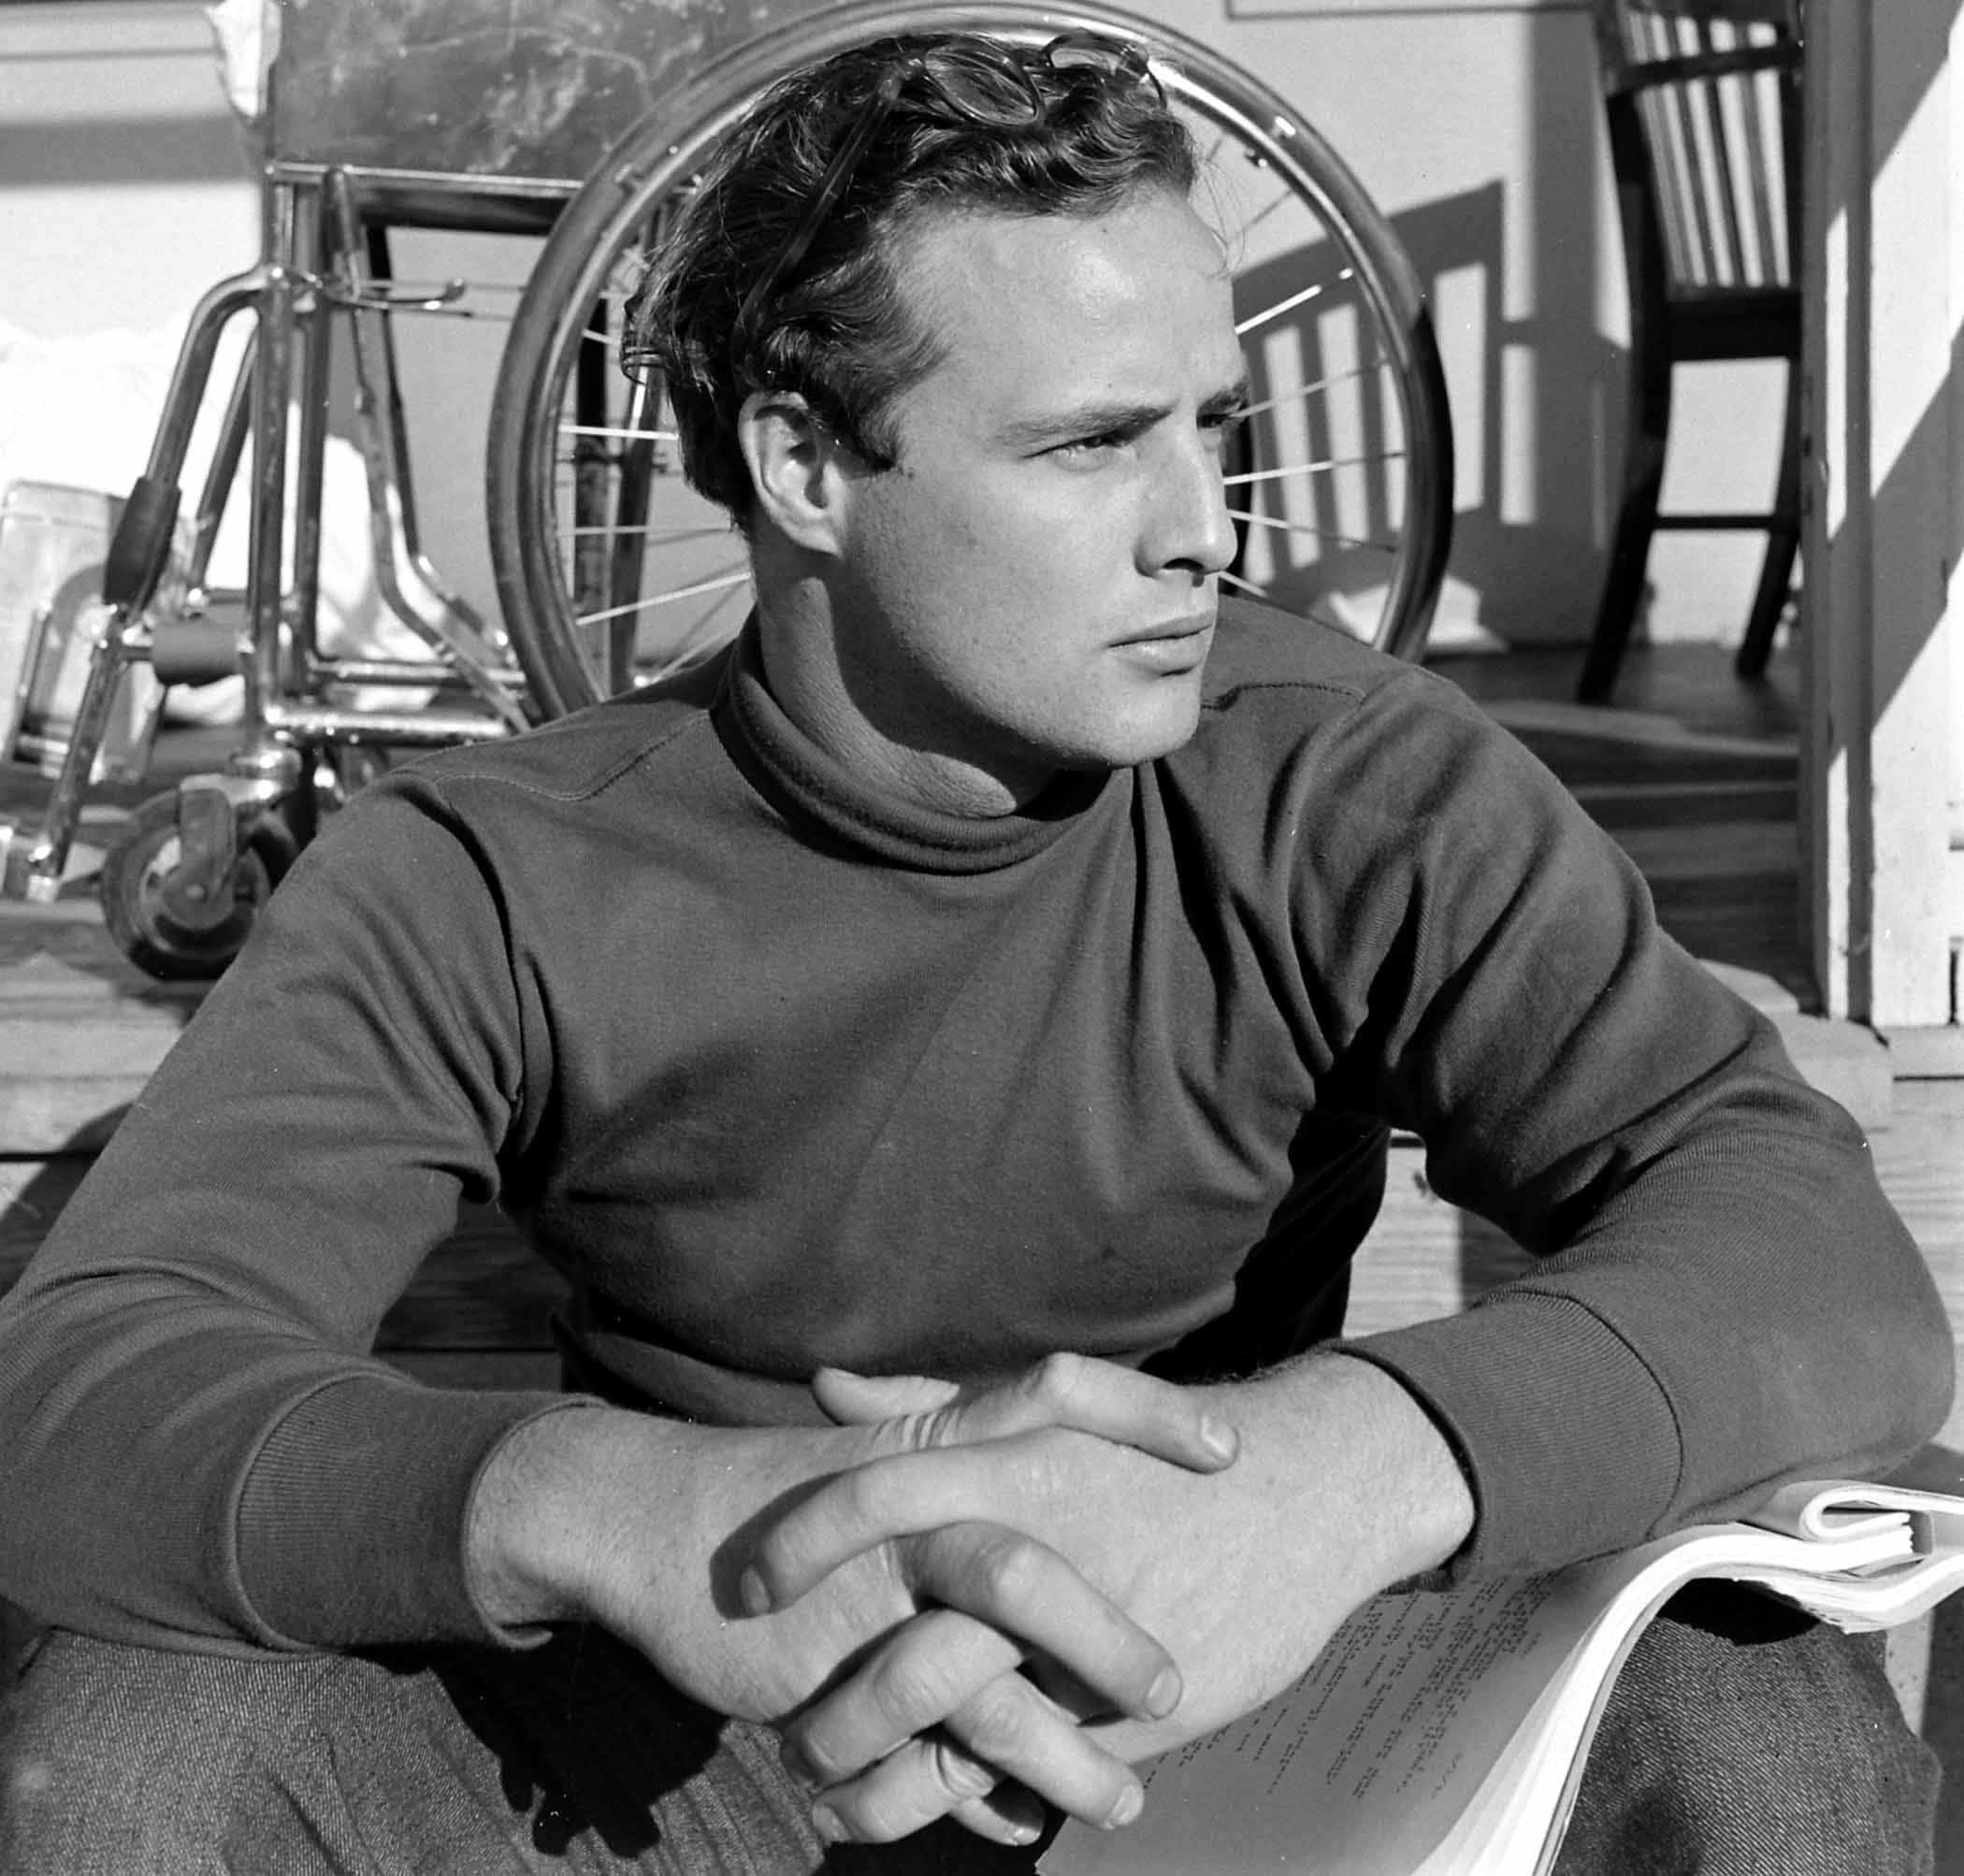 Marlon Brando American Actor, Director